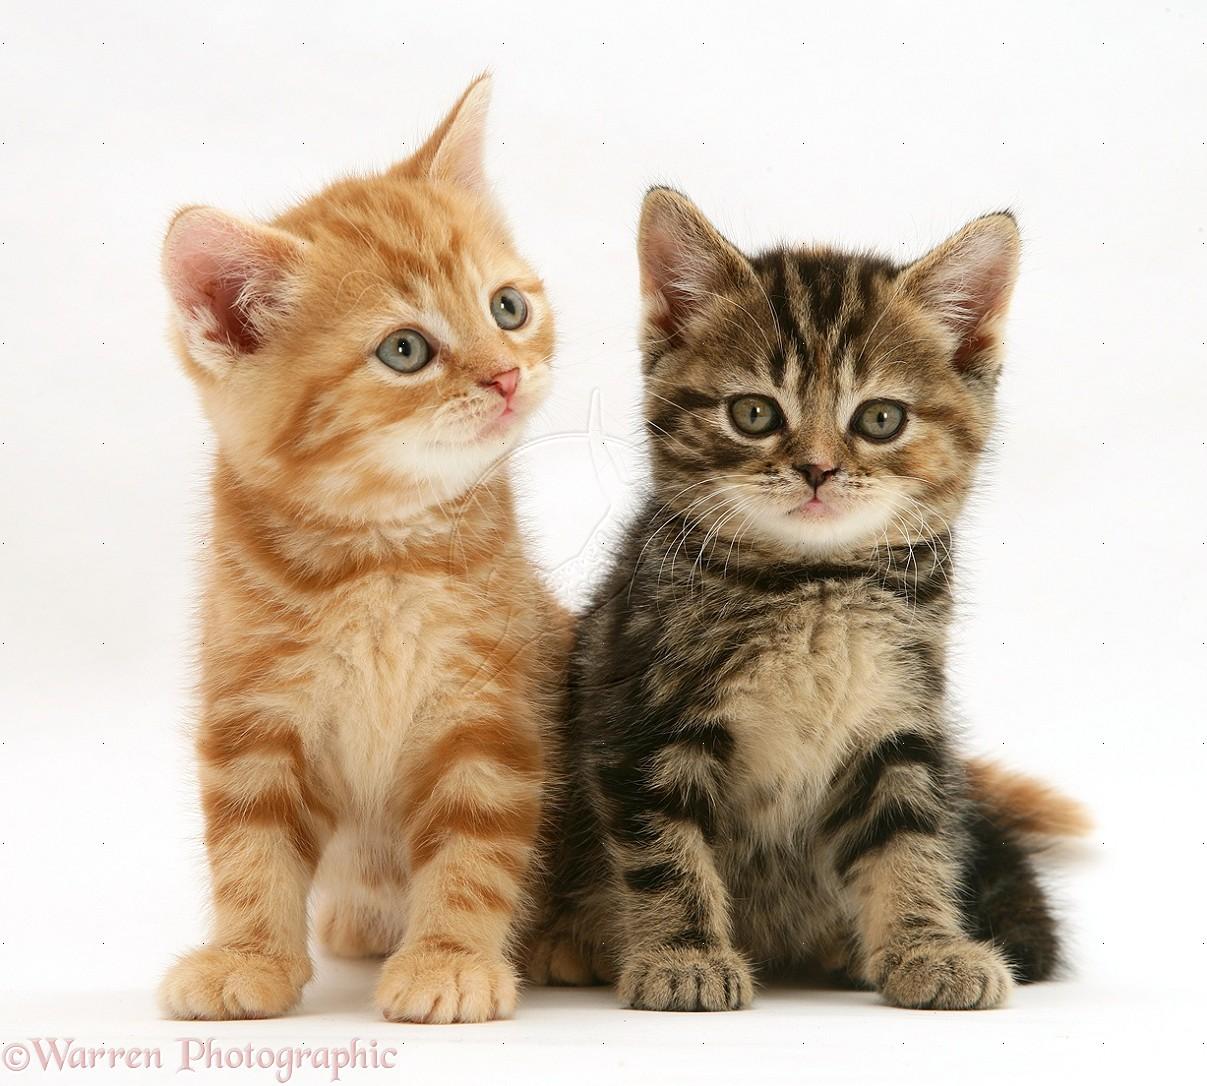 kitten breath smells like poop